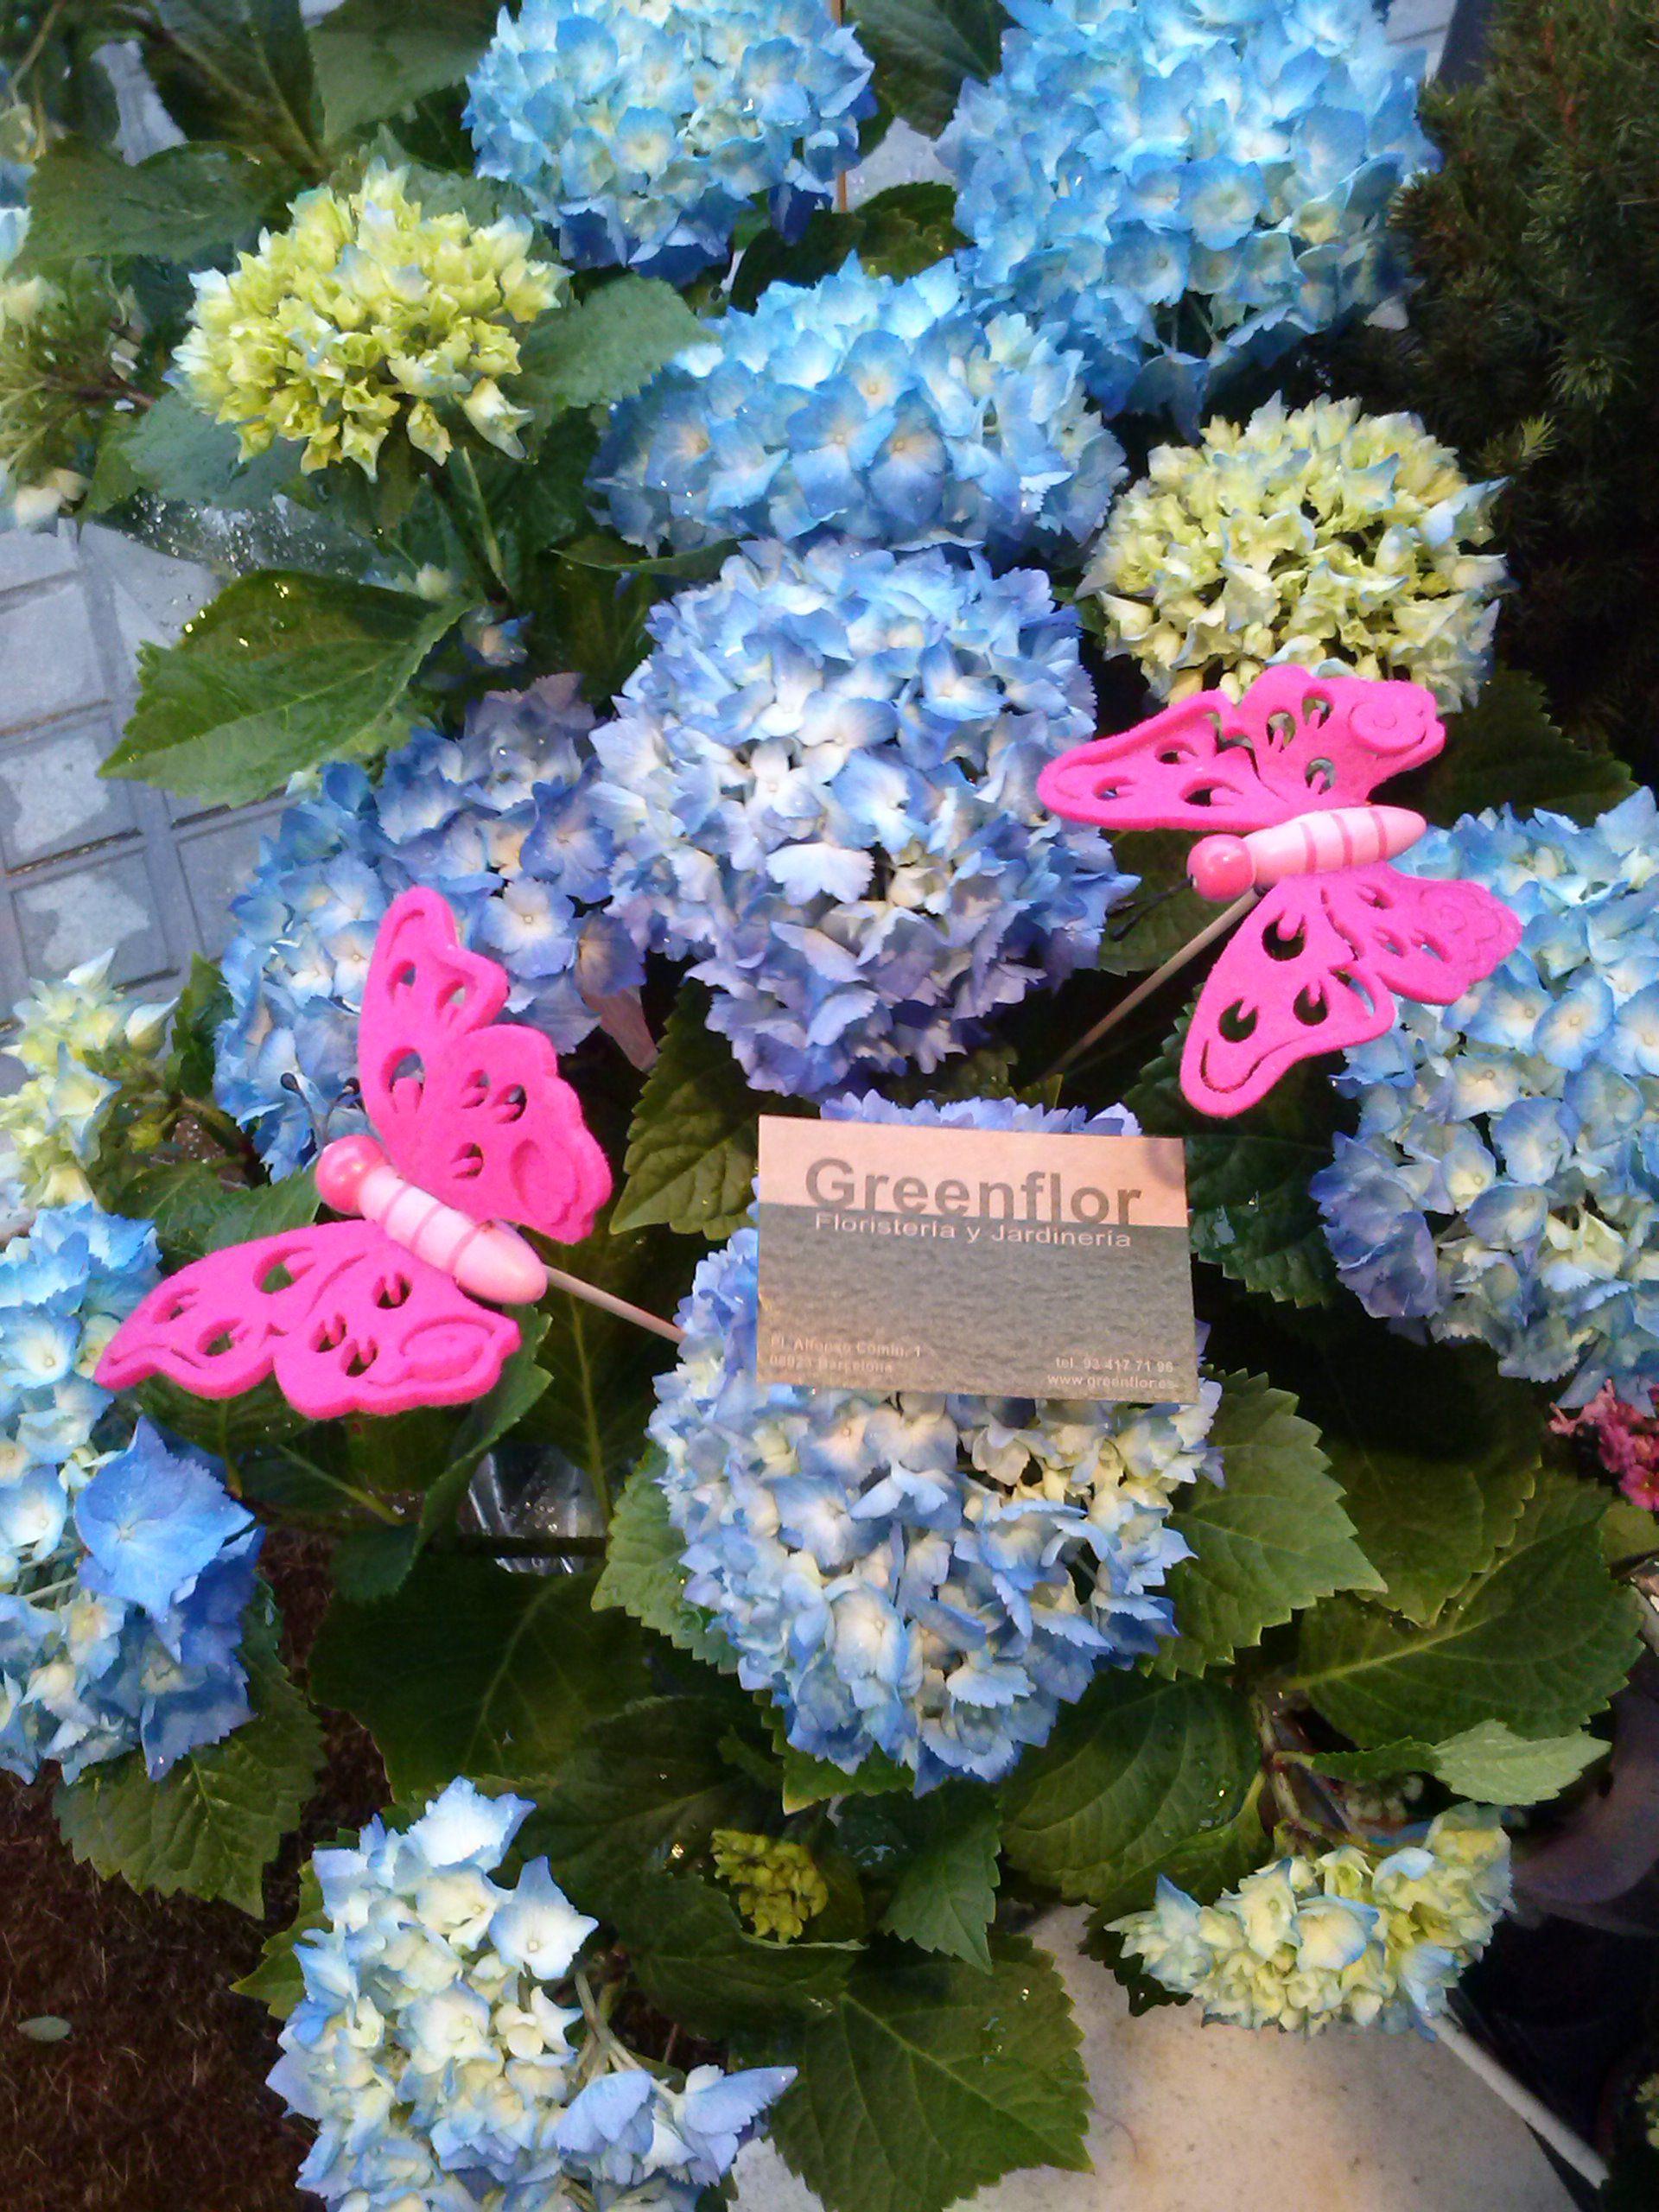 Hortensias productos y servicios de greenflor for Productos jardineria barcelona